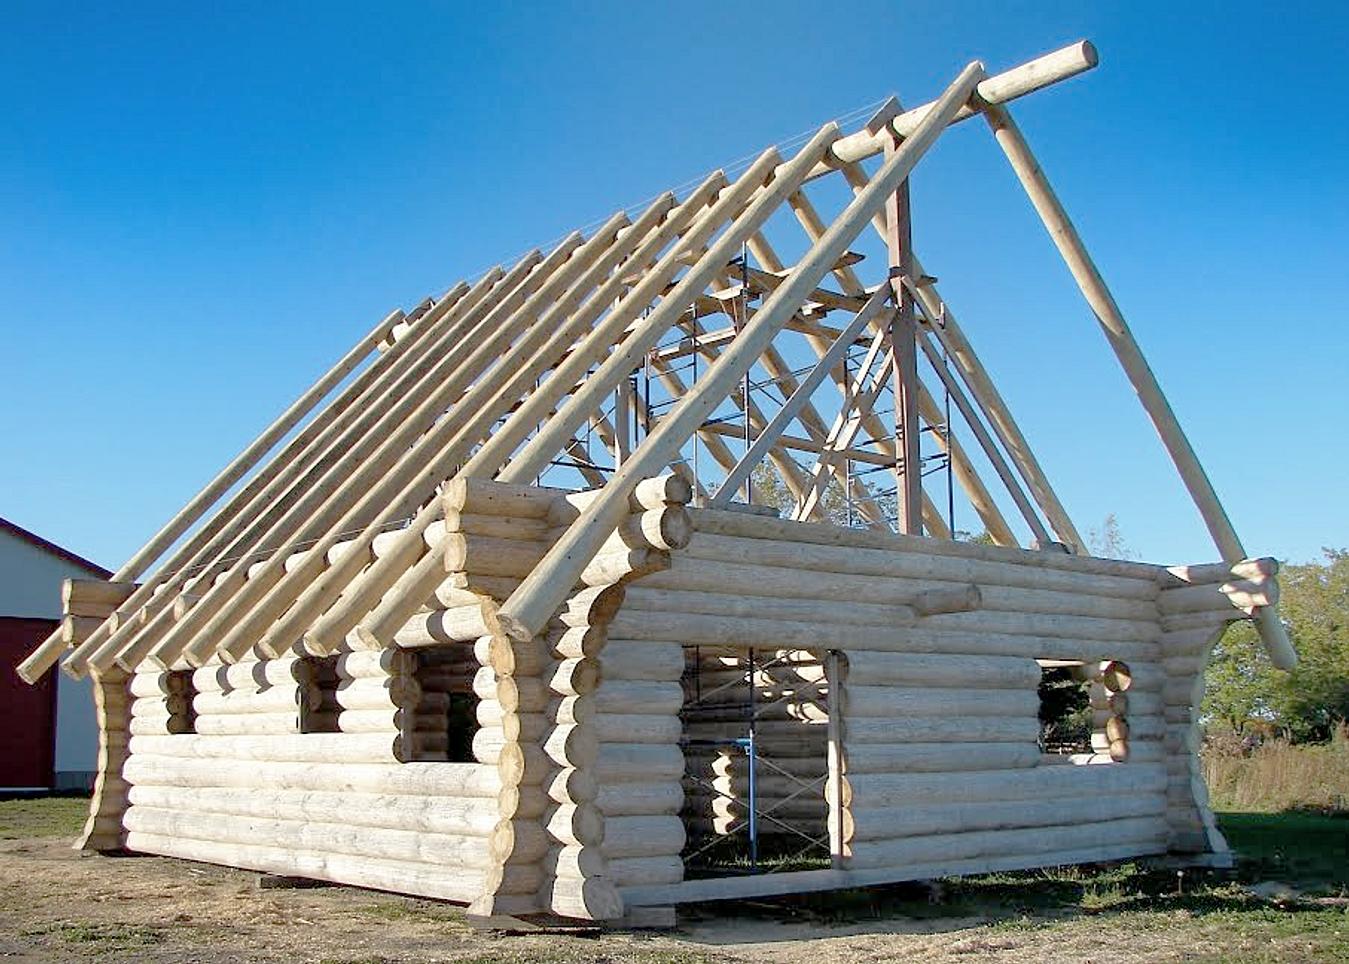 Maisons bois rond en construction qu bec bois rond de for Maisons scandinaves en bois